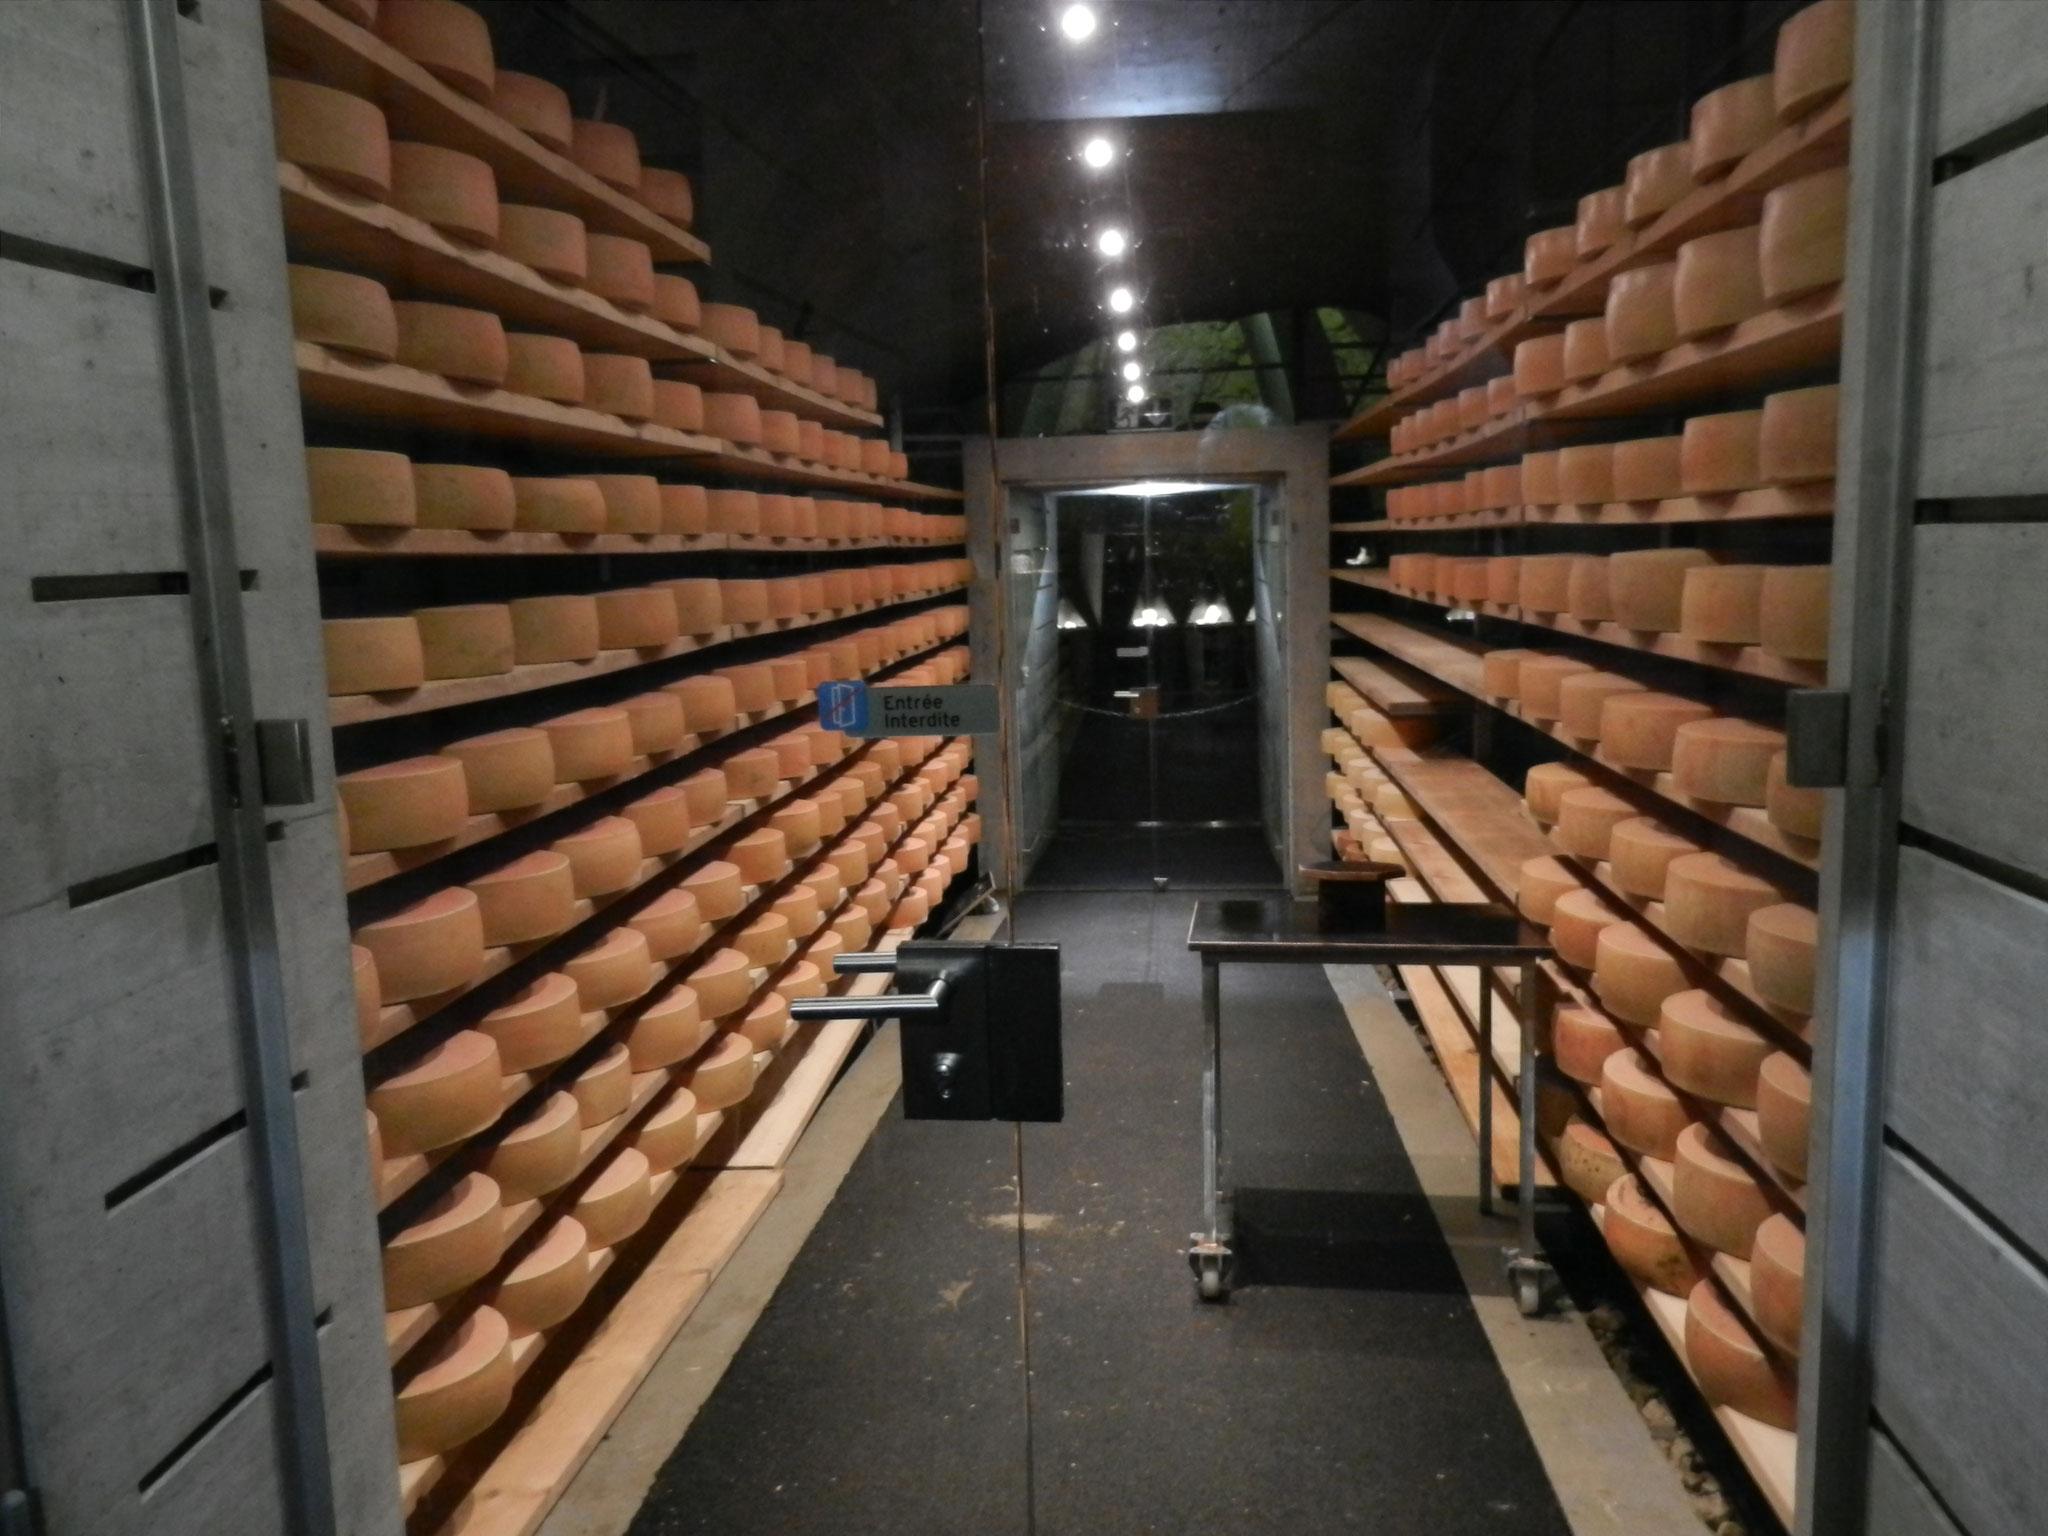 ...in der Grotte werden auch Käse gelagert...